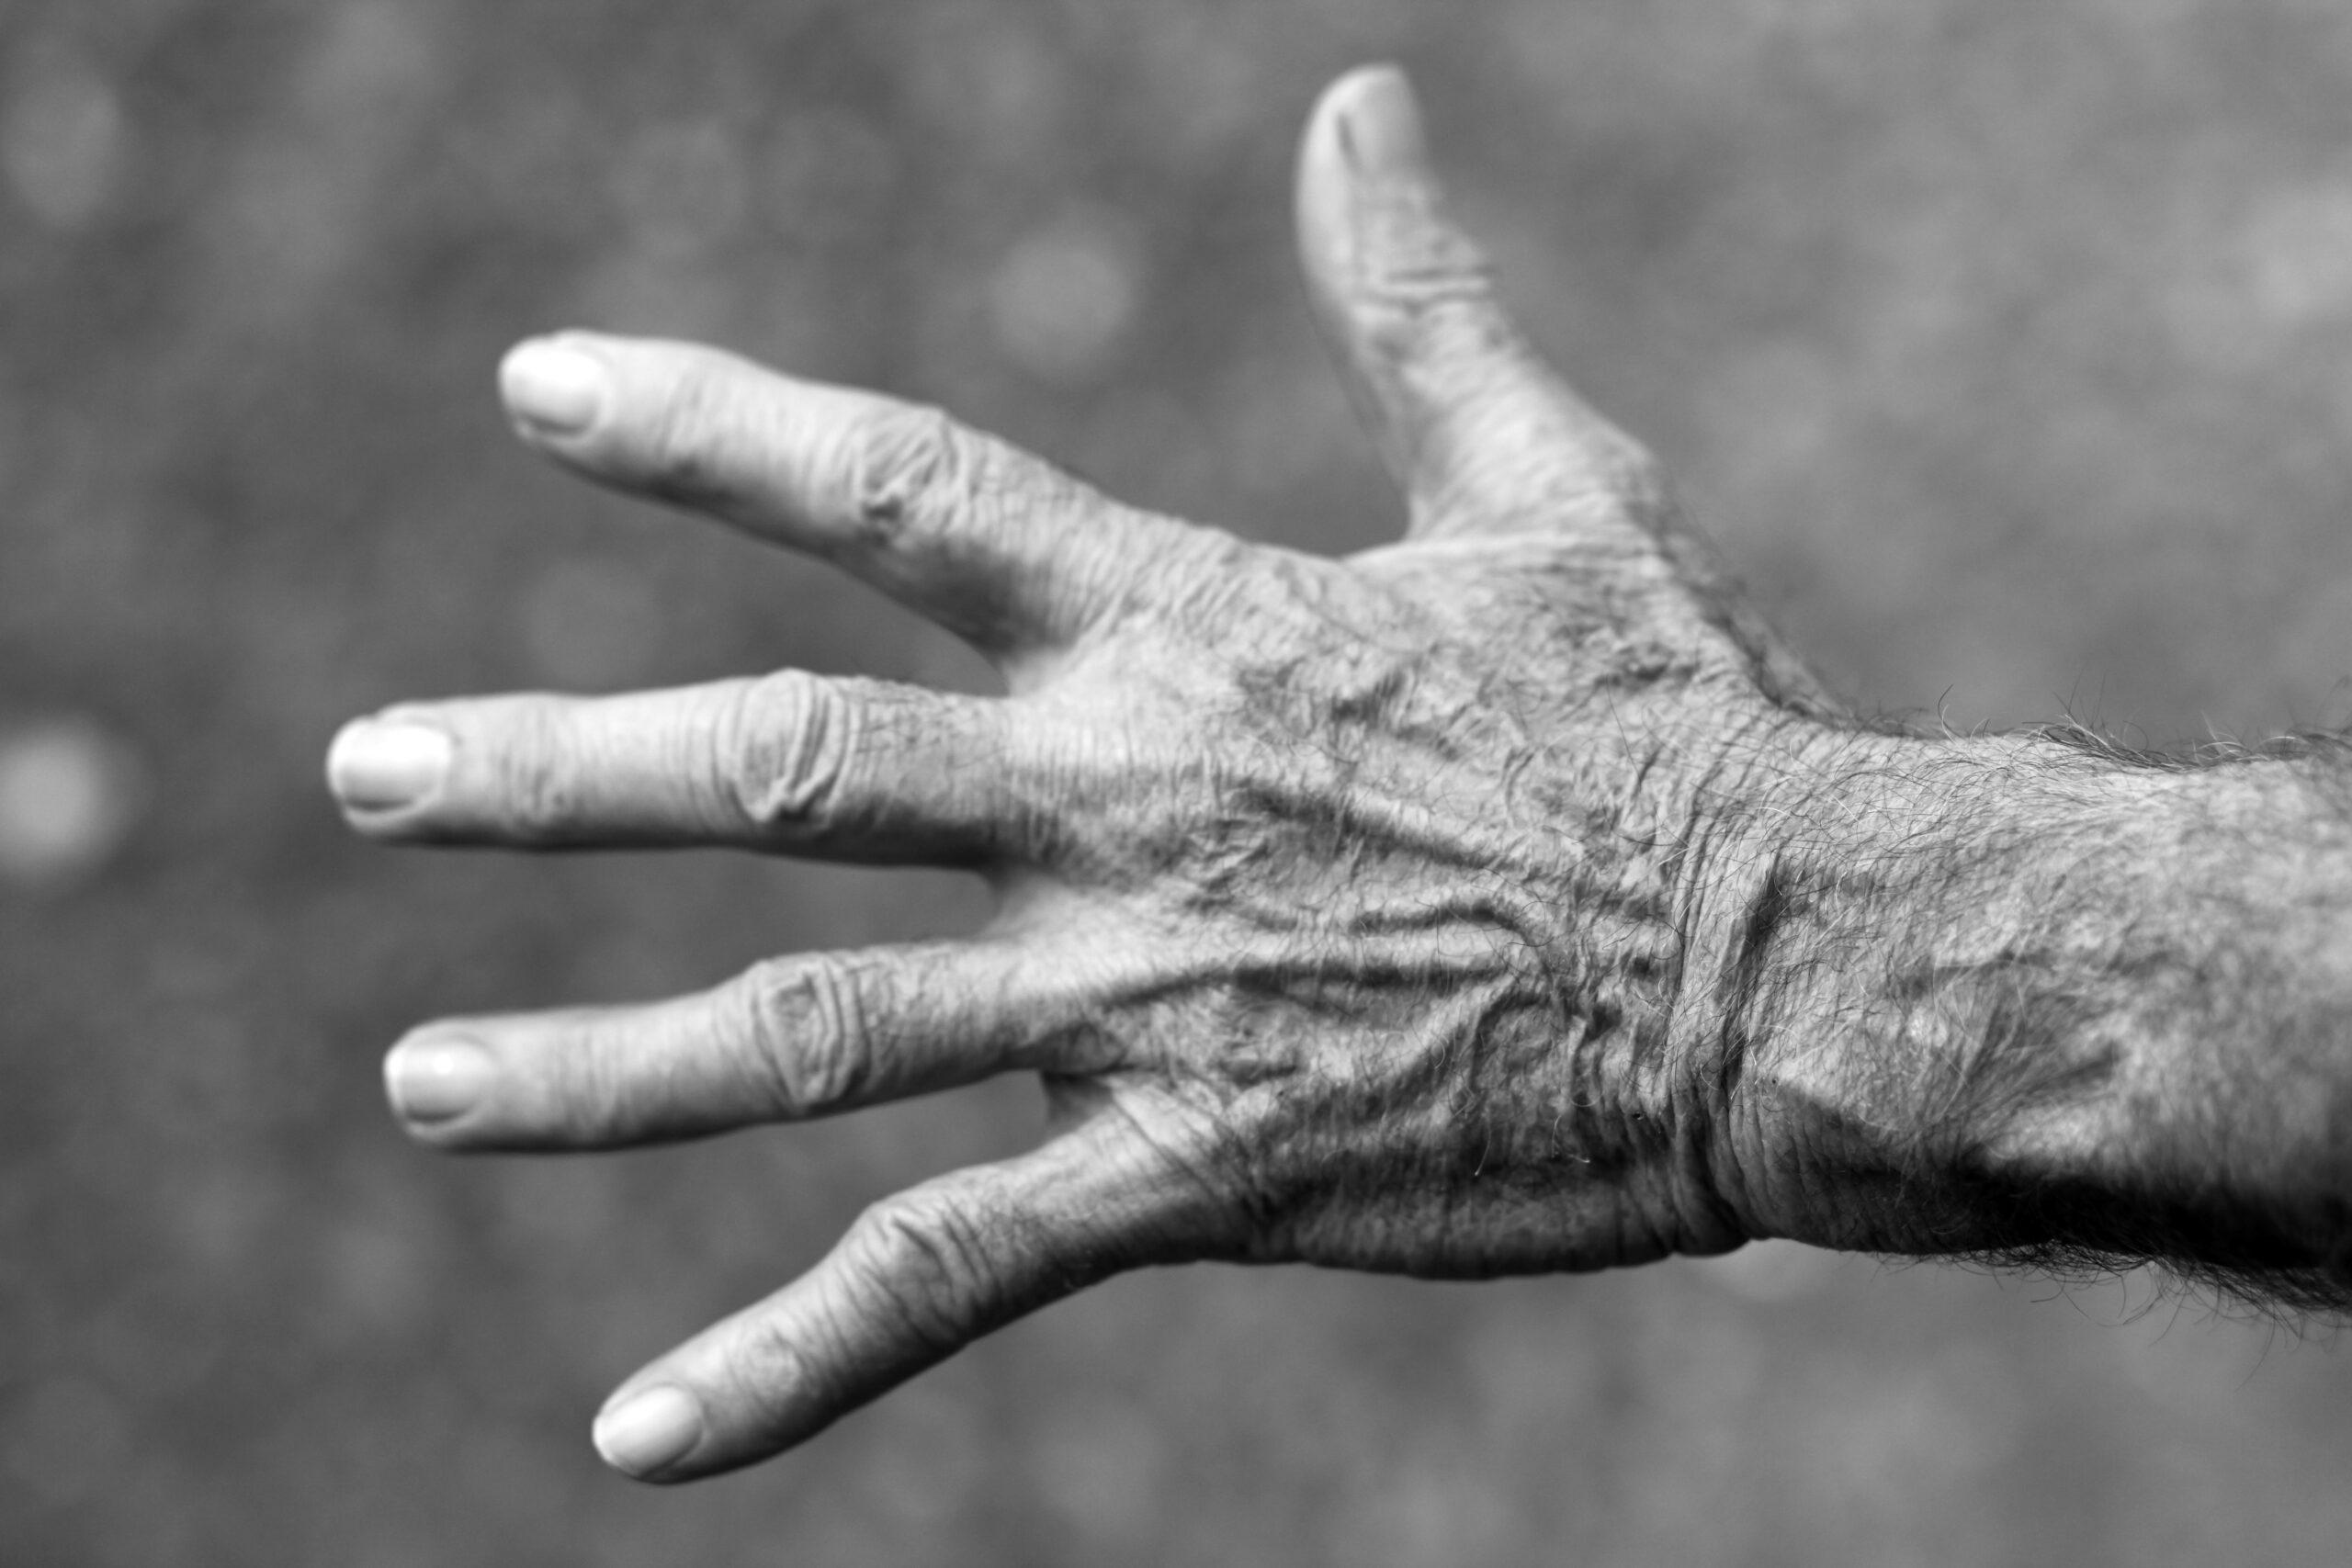 Las Universidades Jesuitas de España se pronuncian desde un punto de vista bioético sobre la ley de eutanasia